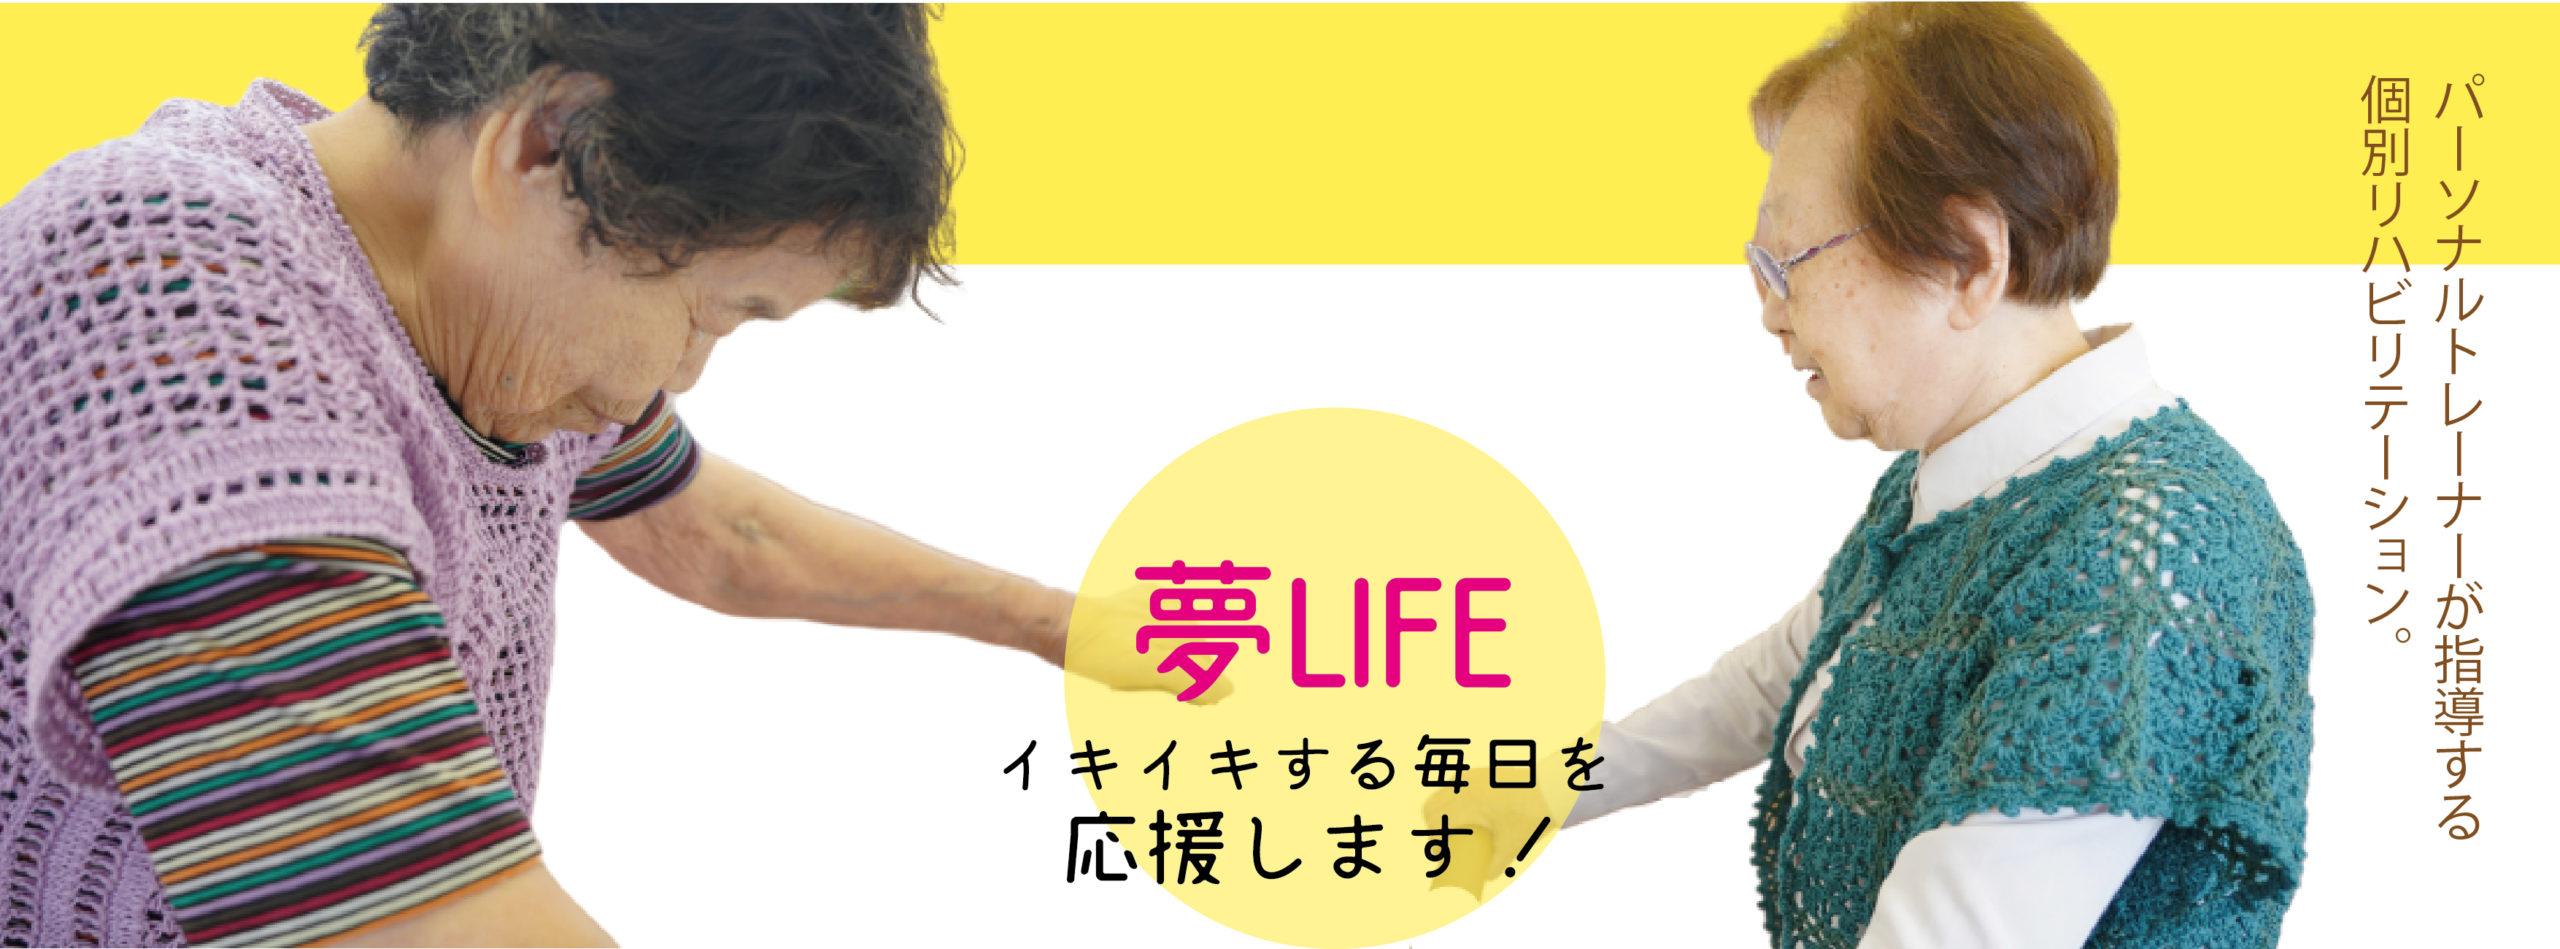 本日のCLASSー夢LIFE